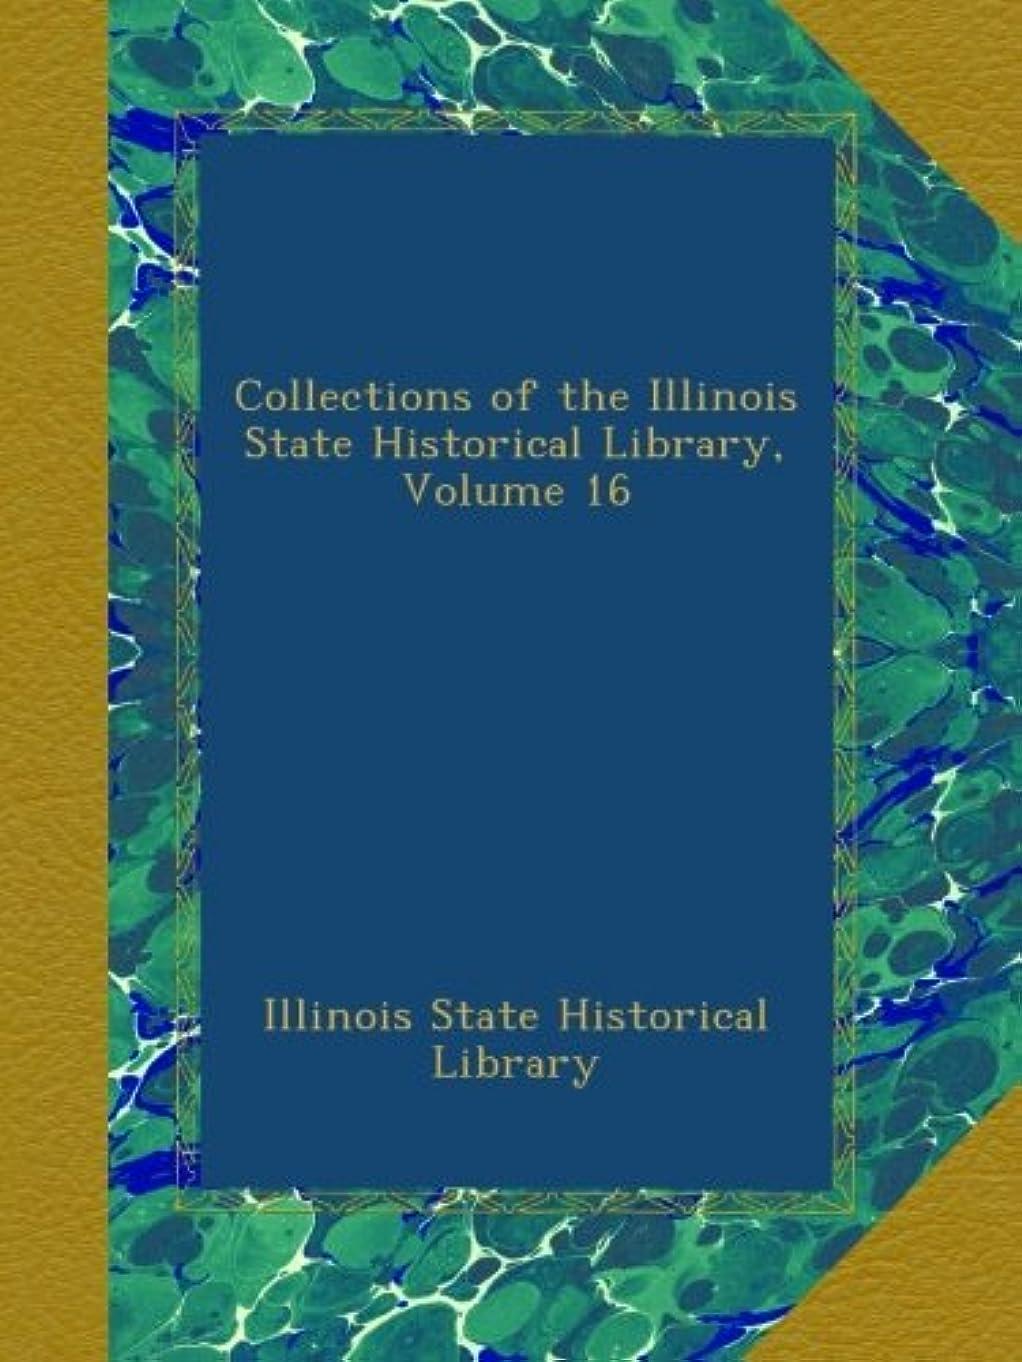 おの暗殺者Collections of the Illinois State Historical Library, Volume 16